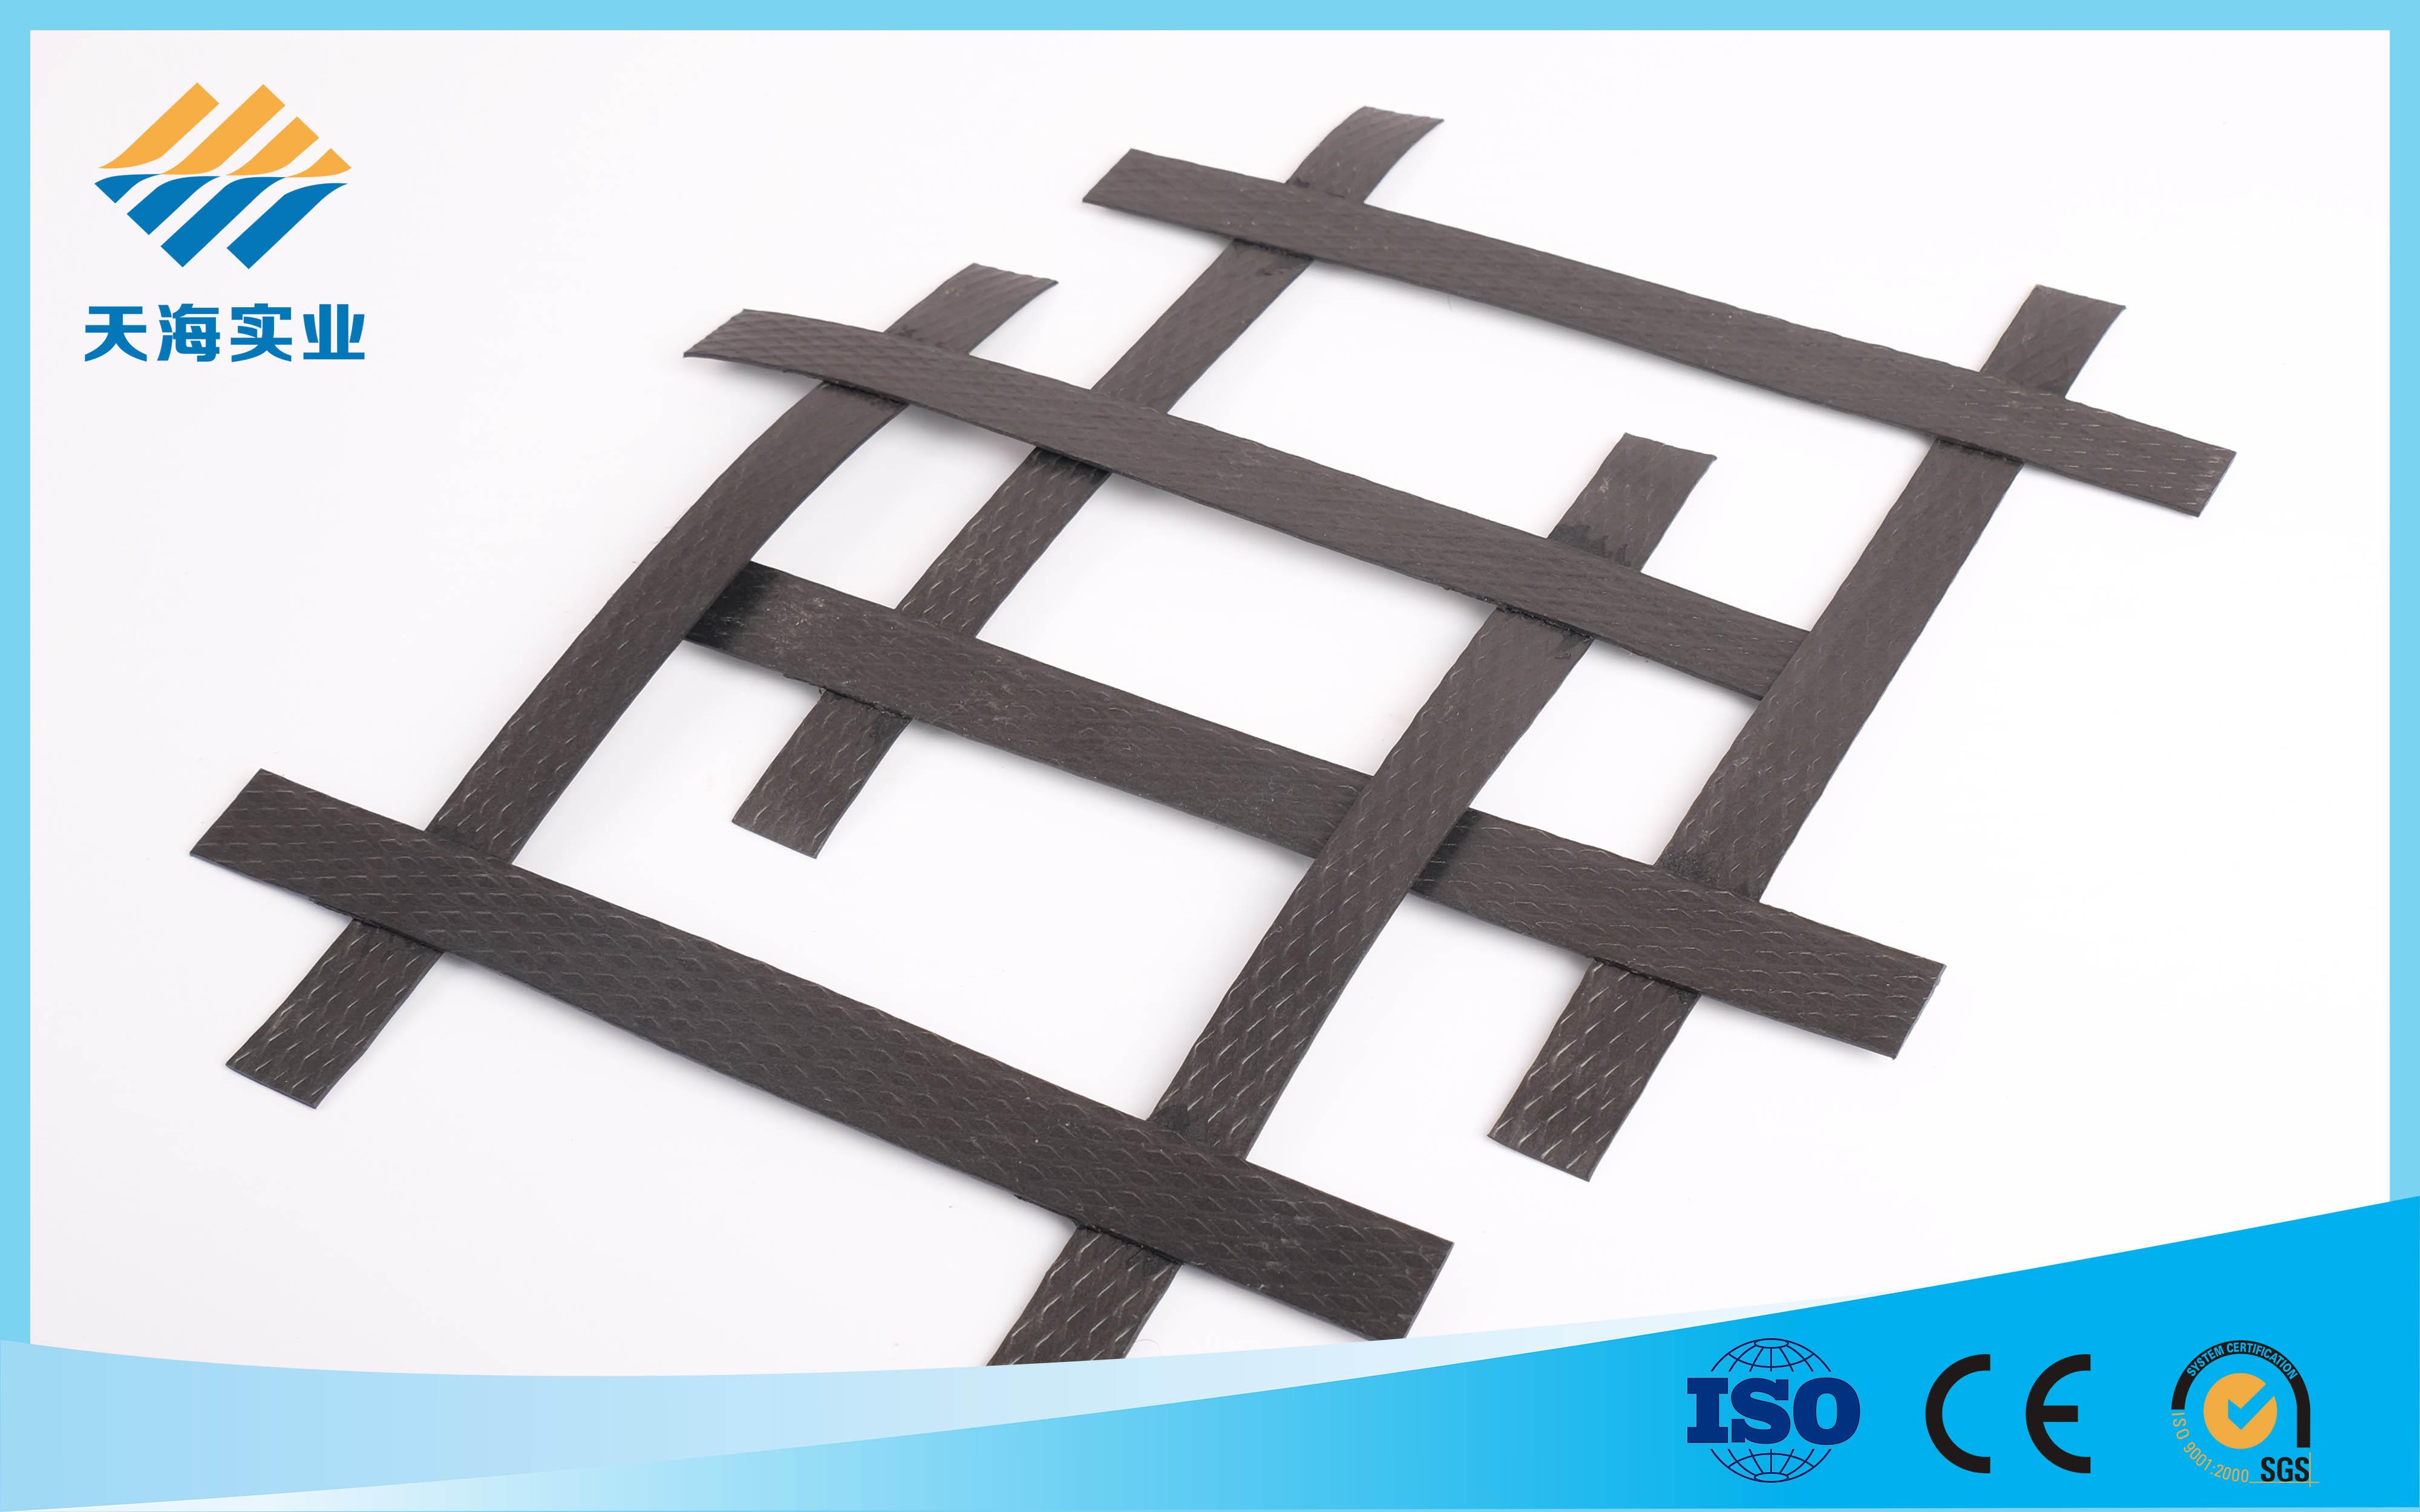 双向粘焊塑料土工格栅(PP焊接土工格栅)